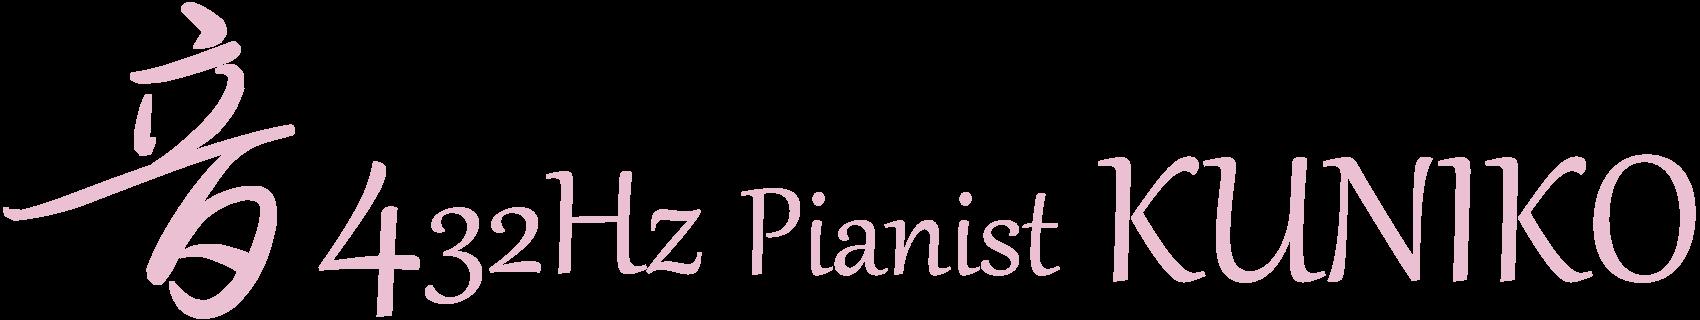 432Hz Pianist KUNIKO